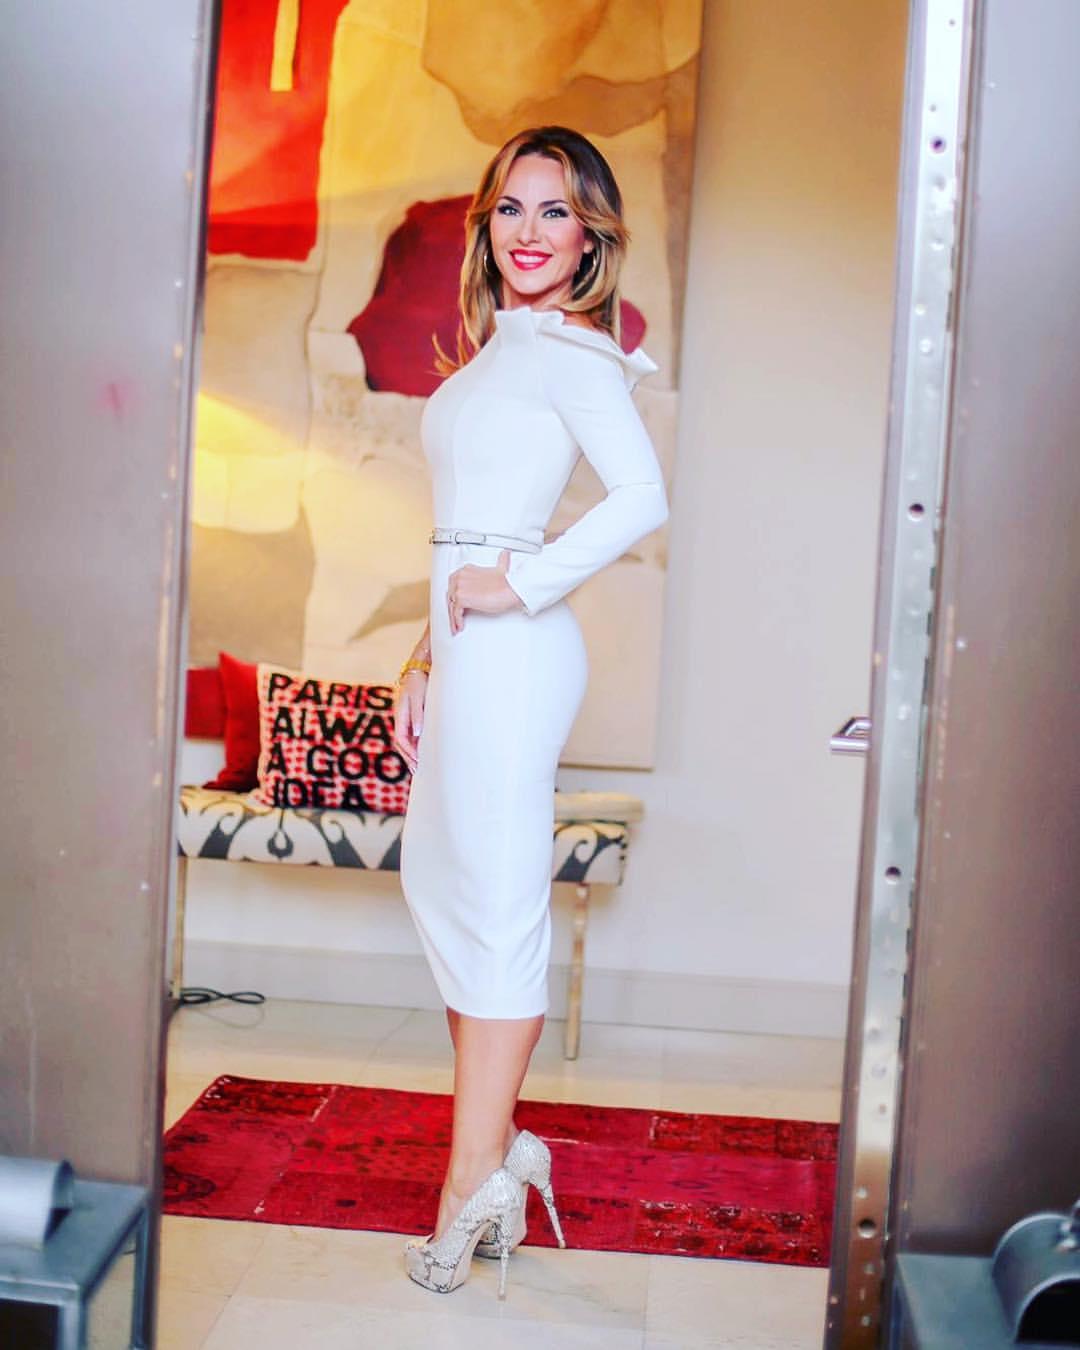 Мария Виктория Лопес – жена Фернандо Морьентеса. Ни за что не поверите, что ей уже 45!